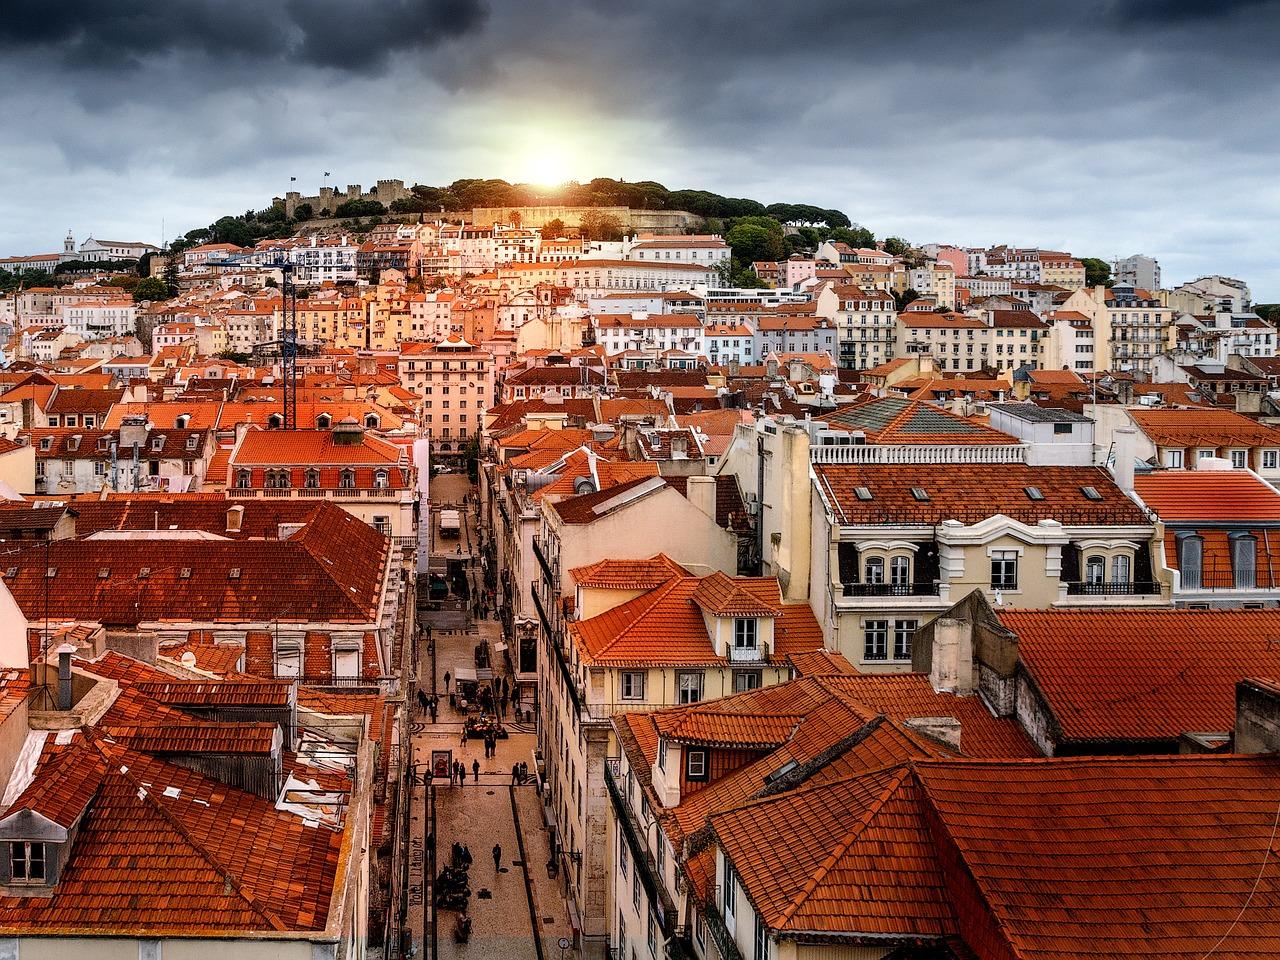 drohnengesetze in portugal